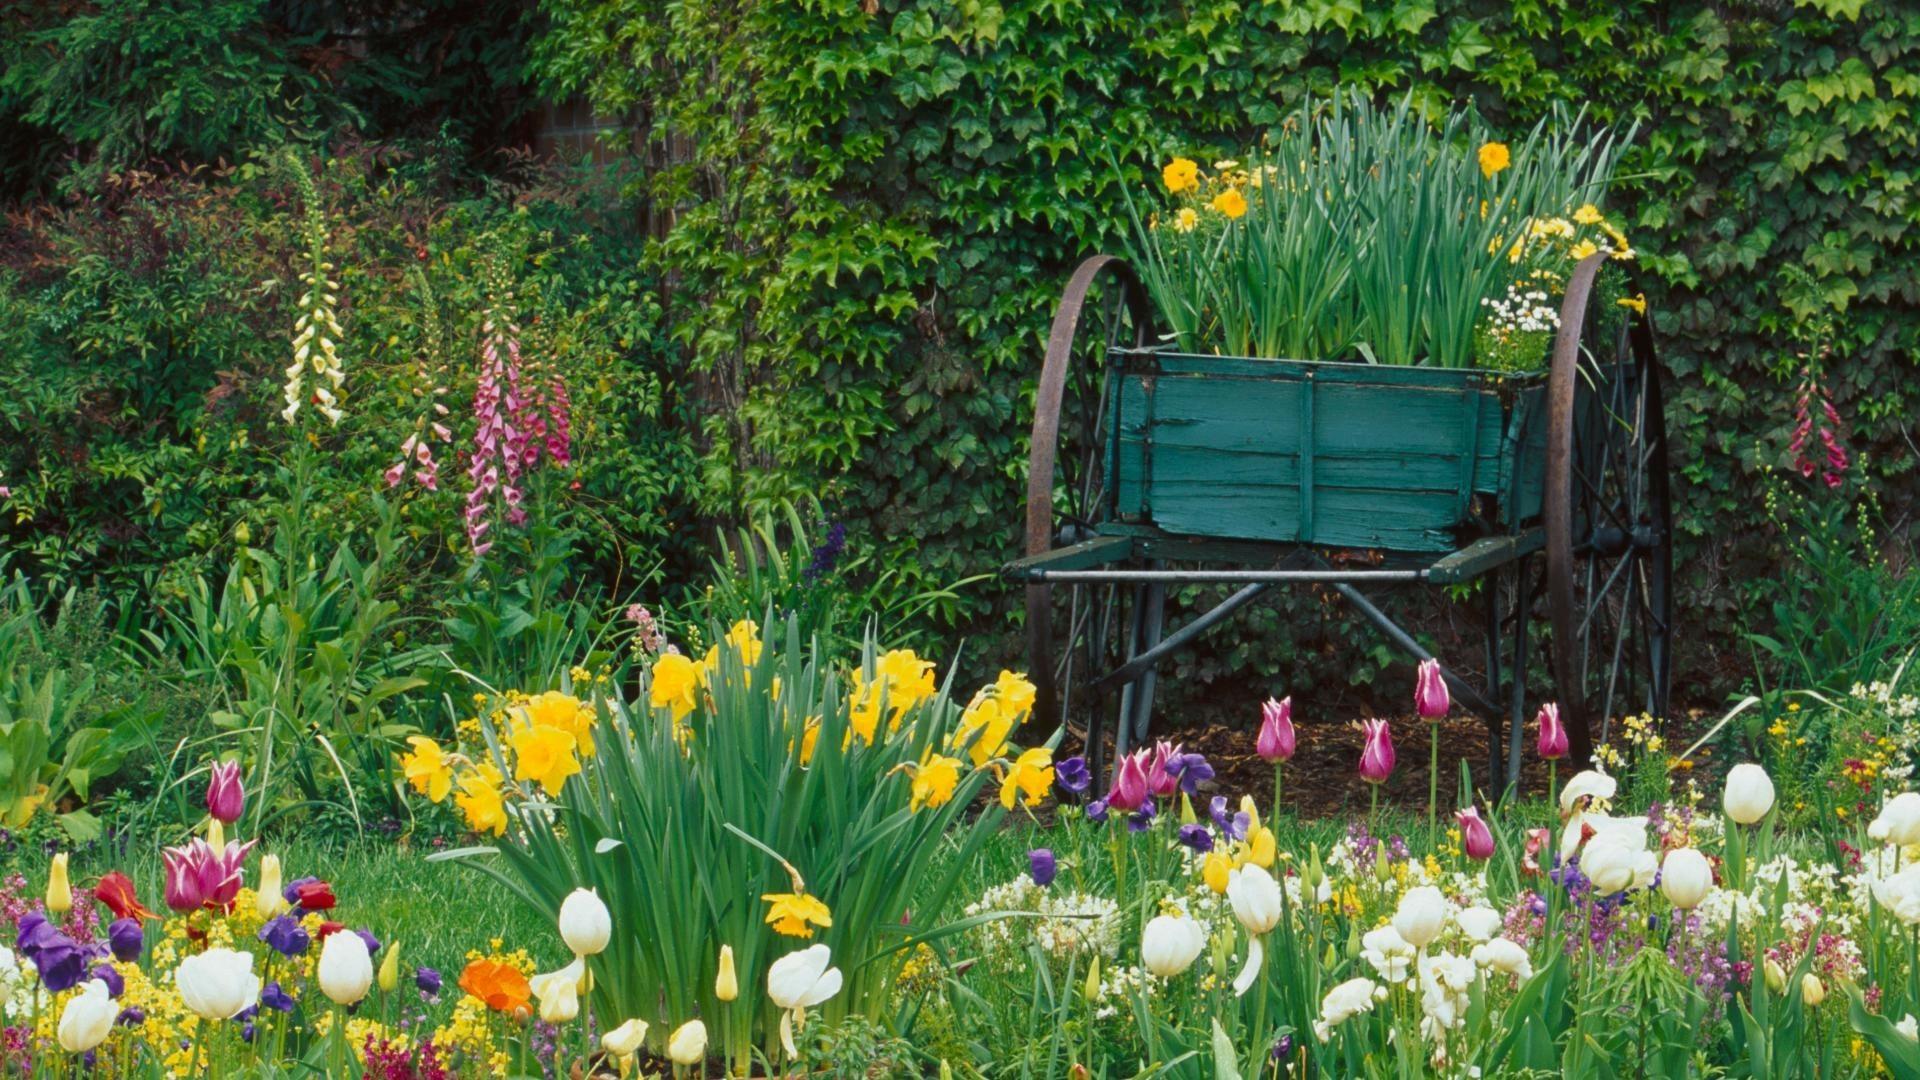 Beautiful Flowers Garden Nature Wallpaper   1920x1080   1274524    WallpaperUP